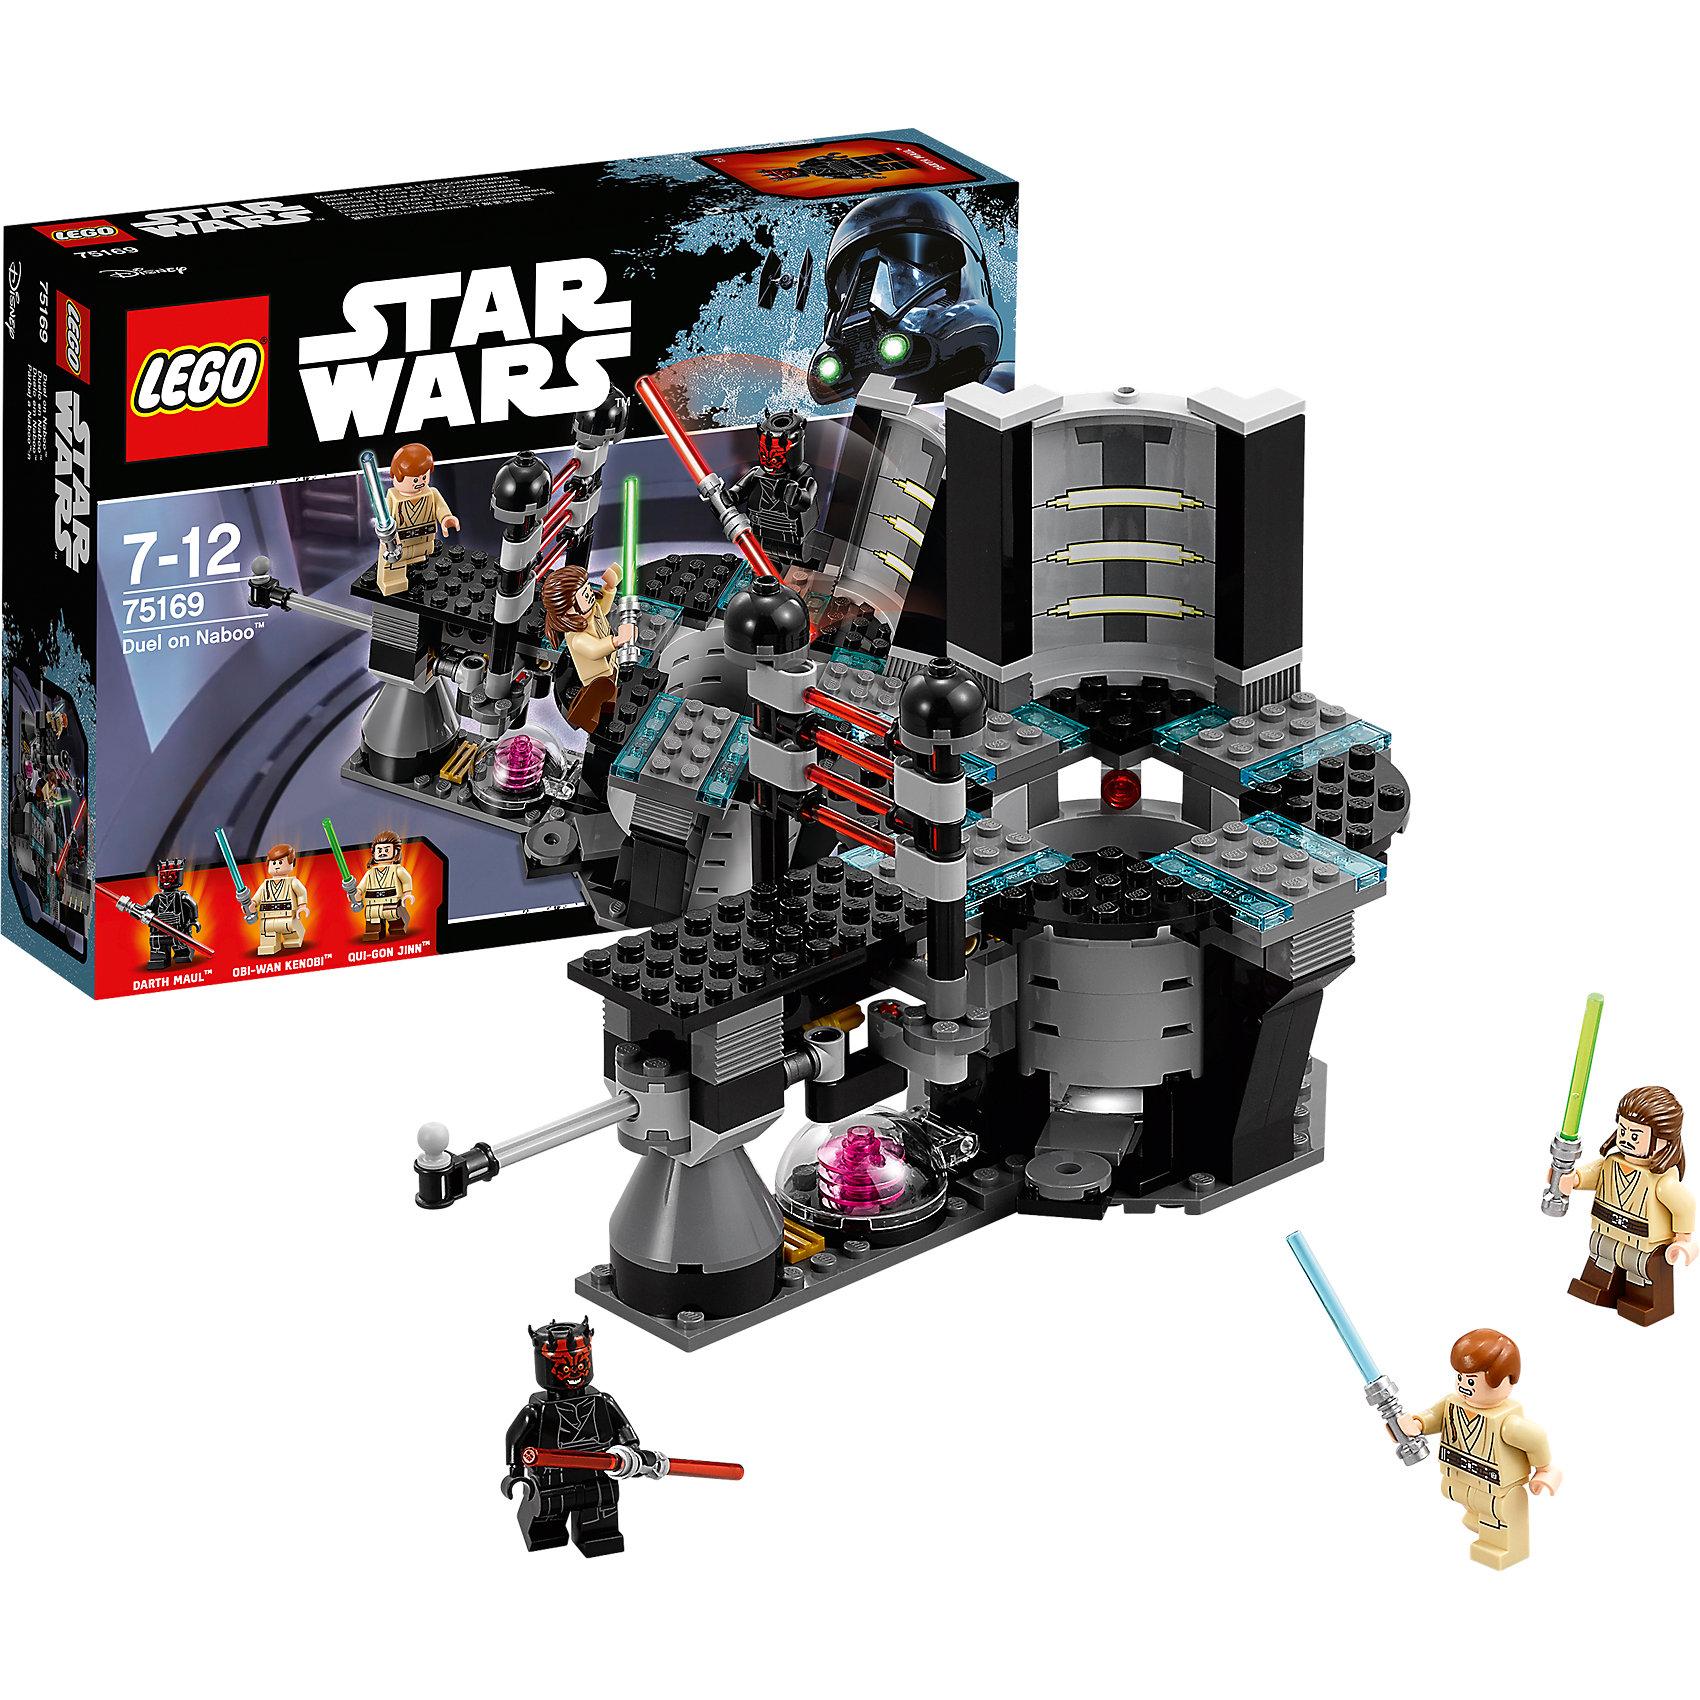 LEGO Star Wars 75169: Дуэль на НабуПластмассовые конструкторы<br>LEGO Star Wars 75169: Дуэль на Набу<br><br>Характеристики:<br><br>- в набор входит: конструктор, 3 фигурки, инструкция<br>- состав: пластик<br>- количество деталей: 208<br>- формат: 9 * 7,5 * 7 см.<br>- вес: 150 гр.<br>- для детей в возрасте: от 7 до 12 лет<br>- Страна производитель: Китай<br><br>Легендарный конструктор LEGO (ЛЕГО) представляет серию «Звездные Войны» с героями одноименных фильмов. Этот набор позволит моделировать финальную битву рыцарей-джедаев Квай-Гон Джинна и Оби-Ван Кеноби против темного владыки ситхов Дарта Мола из Эпизода I: Скрытая угроза. Учитель и ученик вступили в схватку с темной стороной силы во дворце королевы Амидалы на планете Набу. Дарт Мол силен, как никогда, ведь его оружие это двухстронний световой меч и подготовка высокого уровня. Световые детали мечей съемные и можно сделать меч односторонним, как в битве между Оби Ваном и Молом, или убирать лезвие вне битв. Сама комната с реактором совсем как в фильме, а голубые неоновые прозрачные детали ЛЕГО добавляют реалистичности. Красный световой барьер, отделяет Оби-Ван Кеноби, пока его учитель вступает в схватку, но специальный рычаг снимет барьер, выпустив падавана. Герои могут прыгать используя катапульту, а с помощью светлой силы ты можешь помочь рыцарям-джедая выполнять сальто и уворачиваться от ударов. Фигурки рыцарей имеют два вида выражения лица. Совершенствуй в себе силу с набором Дуэль на Набу и помоги любимым героям победить.<br><br>Конструктор LEGO Star Wars 75169: Дуэль на Набу можно купить в нашем интернет-магазине.<br><br>Ширина мм: 263<br>Глубина мм: 190<br>Высота мм: 66<br>Вес г: 353<br>Возраст от месяцев: 84<br>Возраст до месяцев: 144<br>Пол: Мужской<br>Возраст: Детский<br>SKU: 5002394